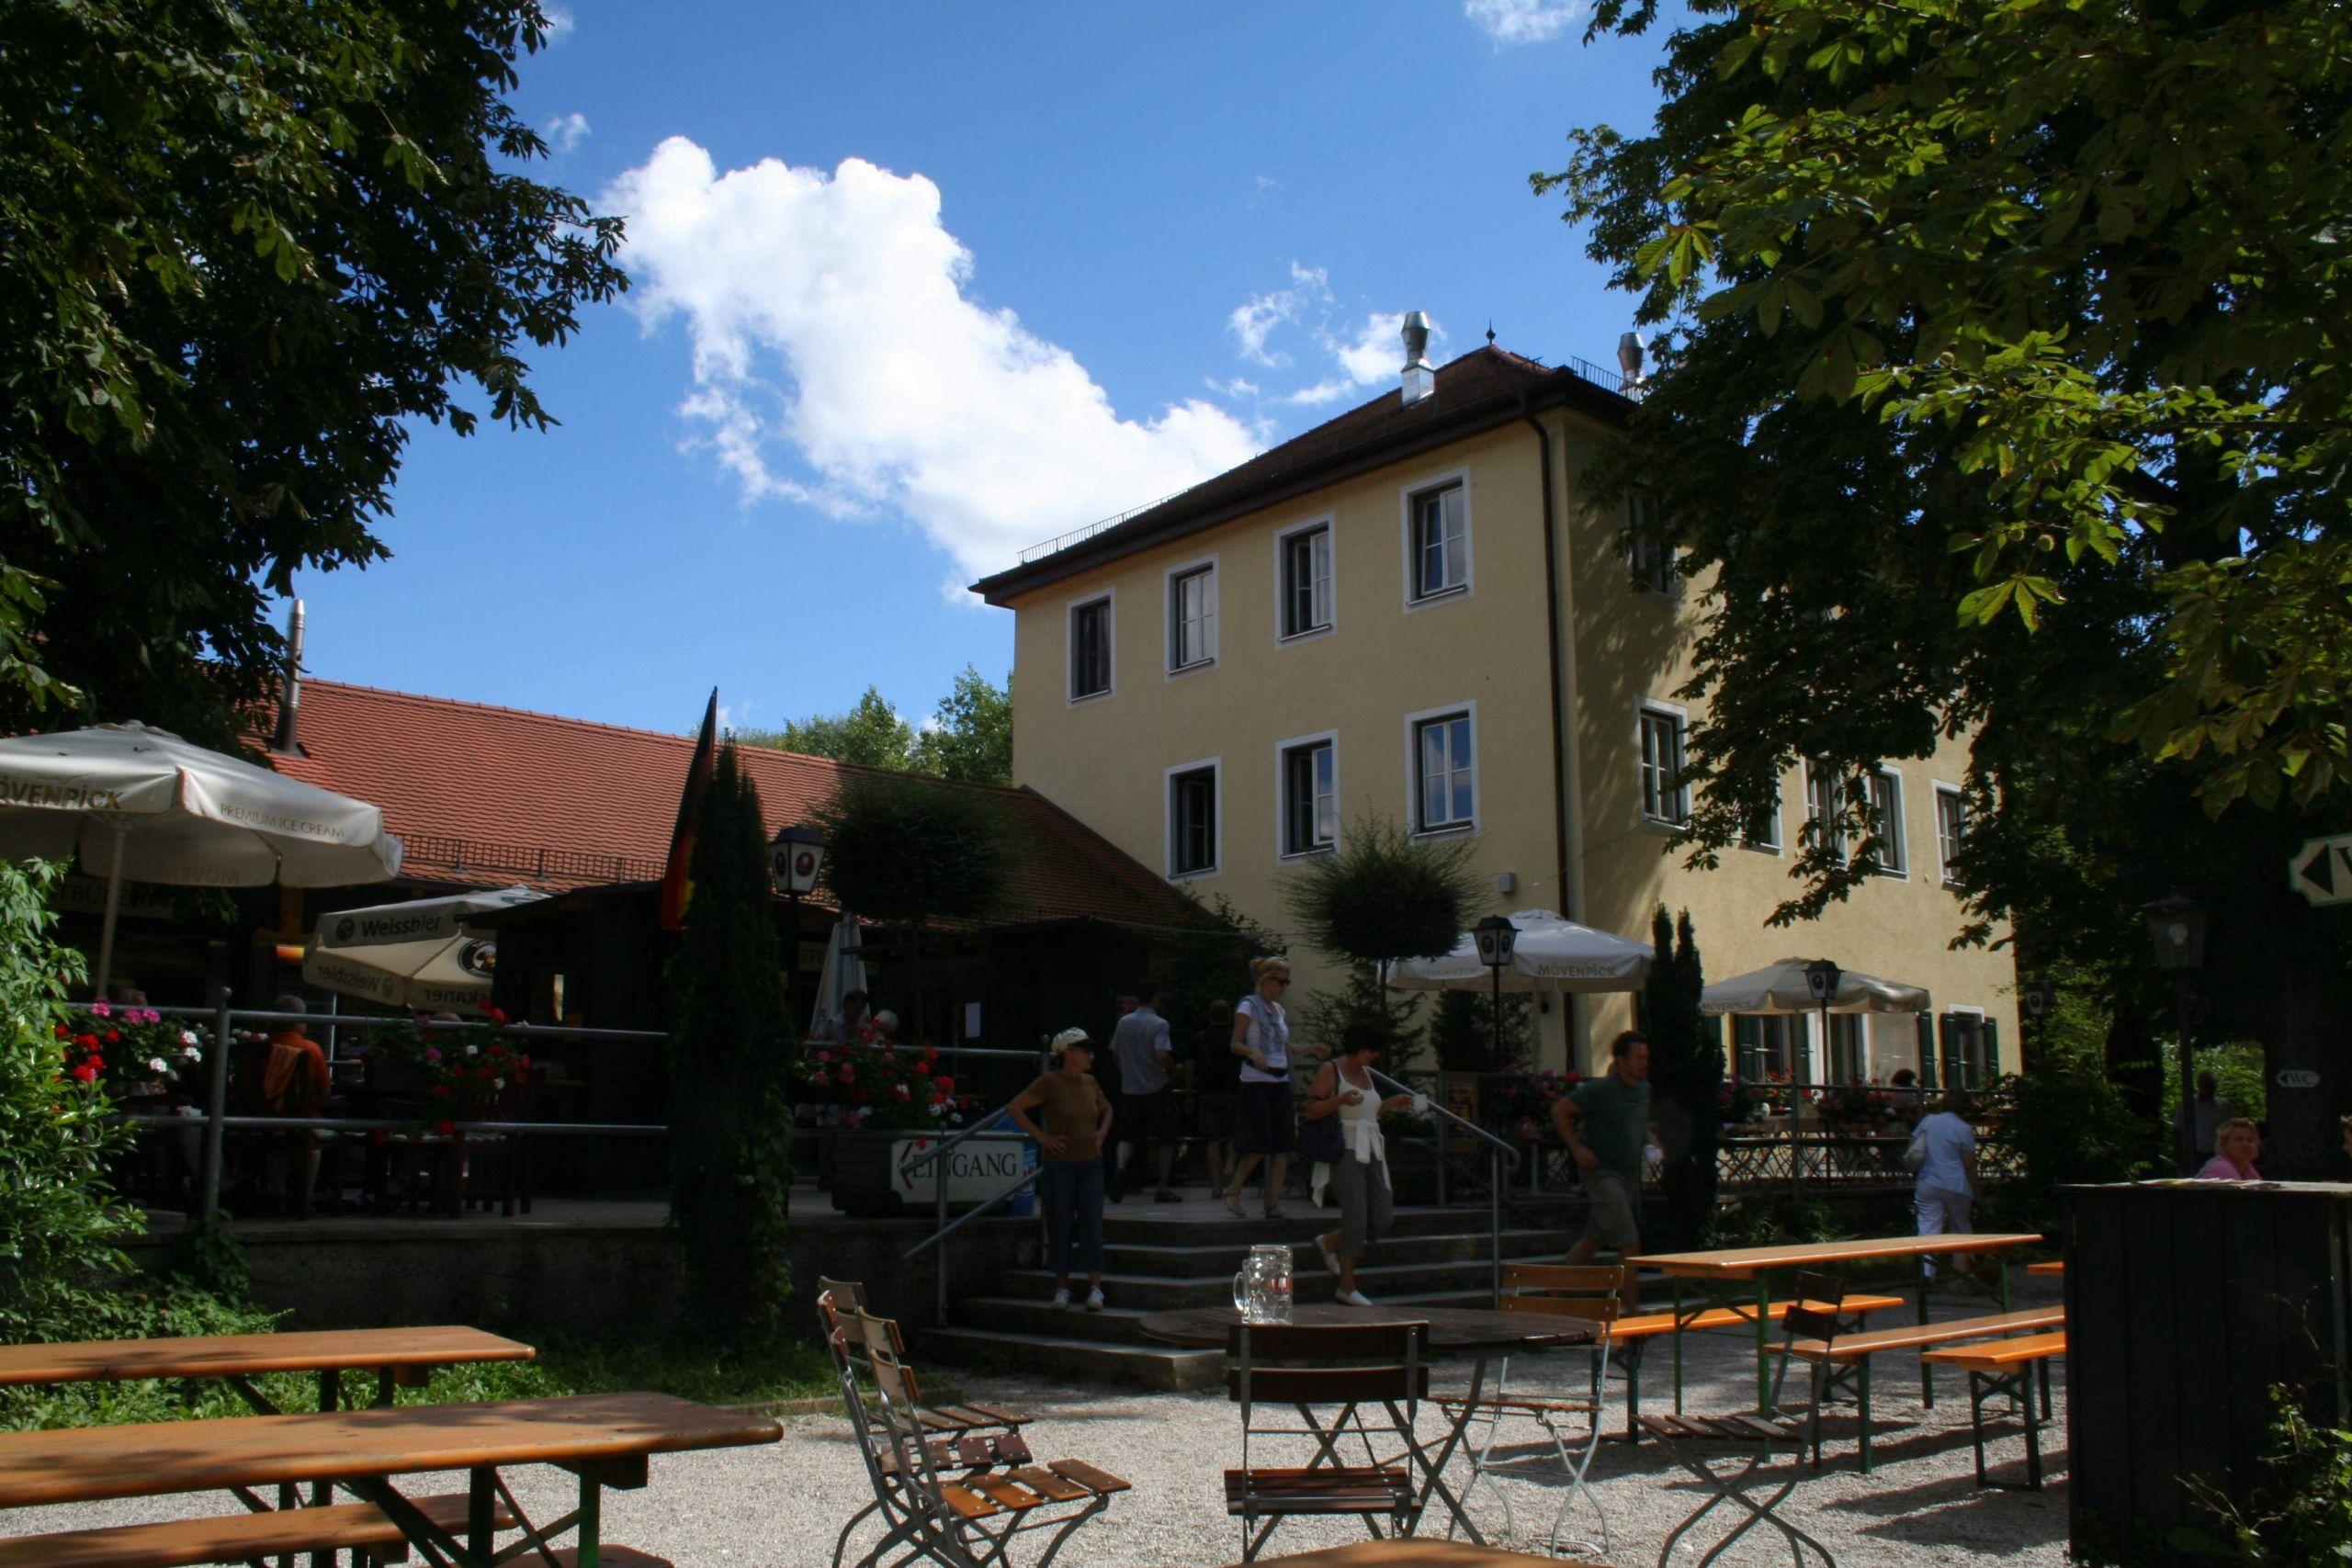 Englischer Garten Restaurant Inspirierend Gaststätte Hirschau –